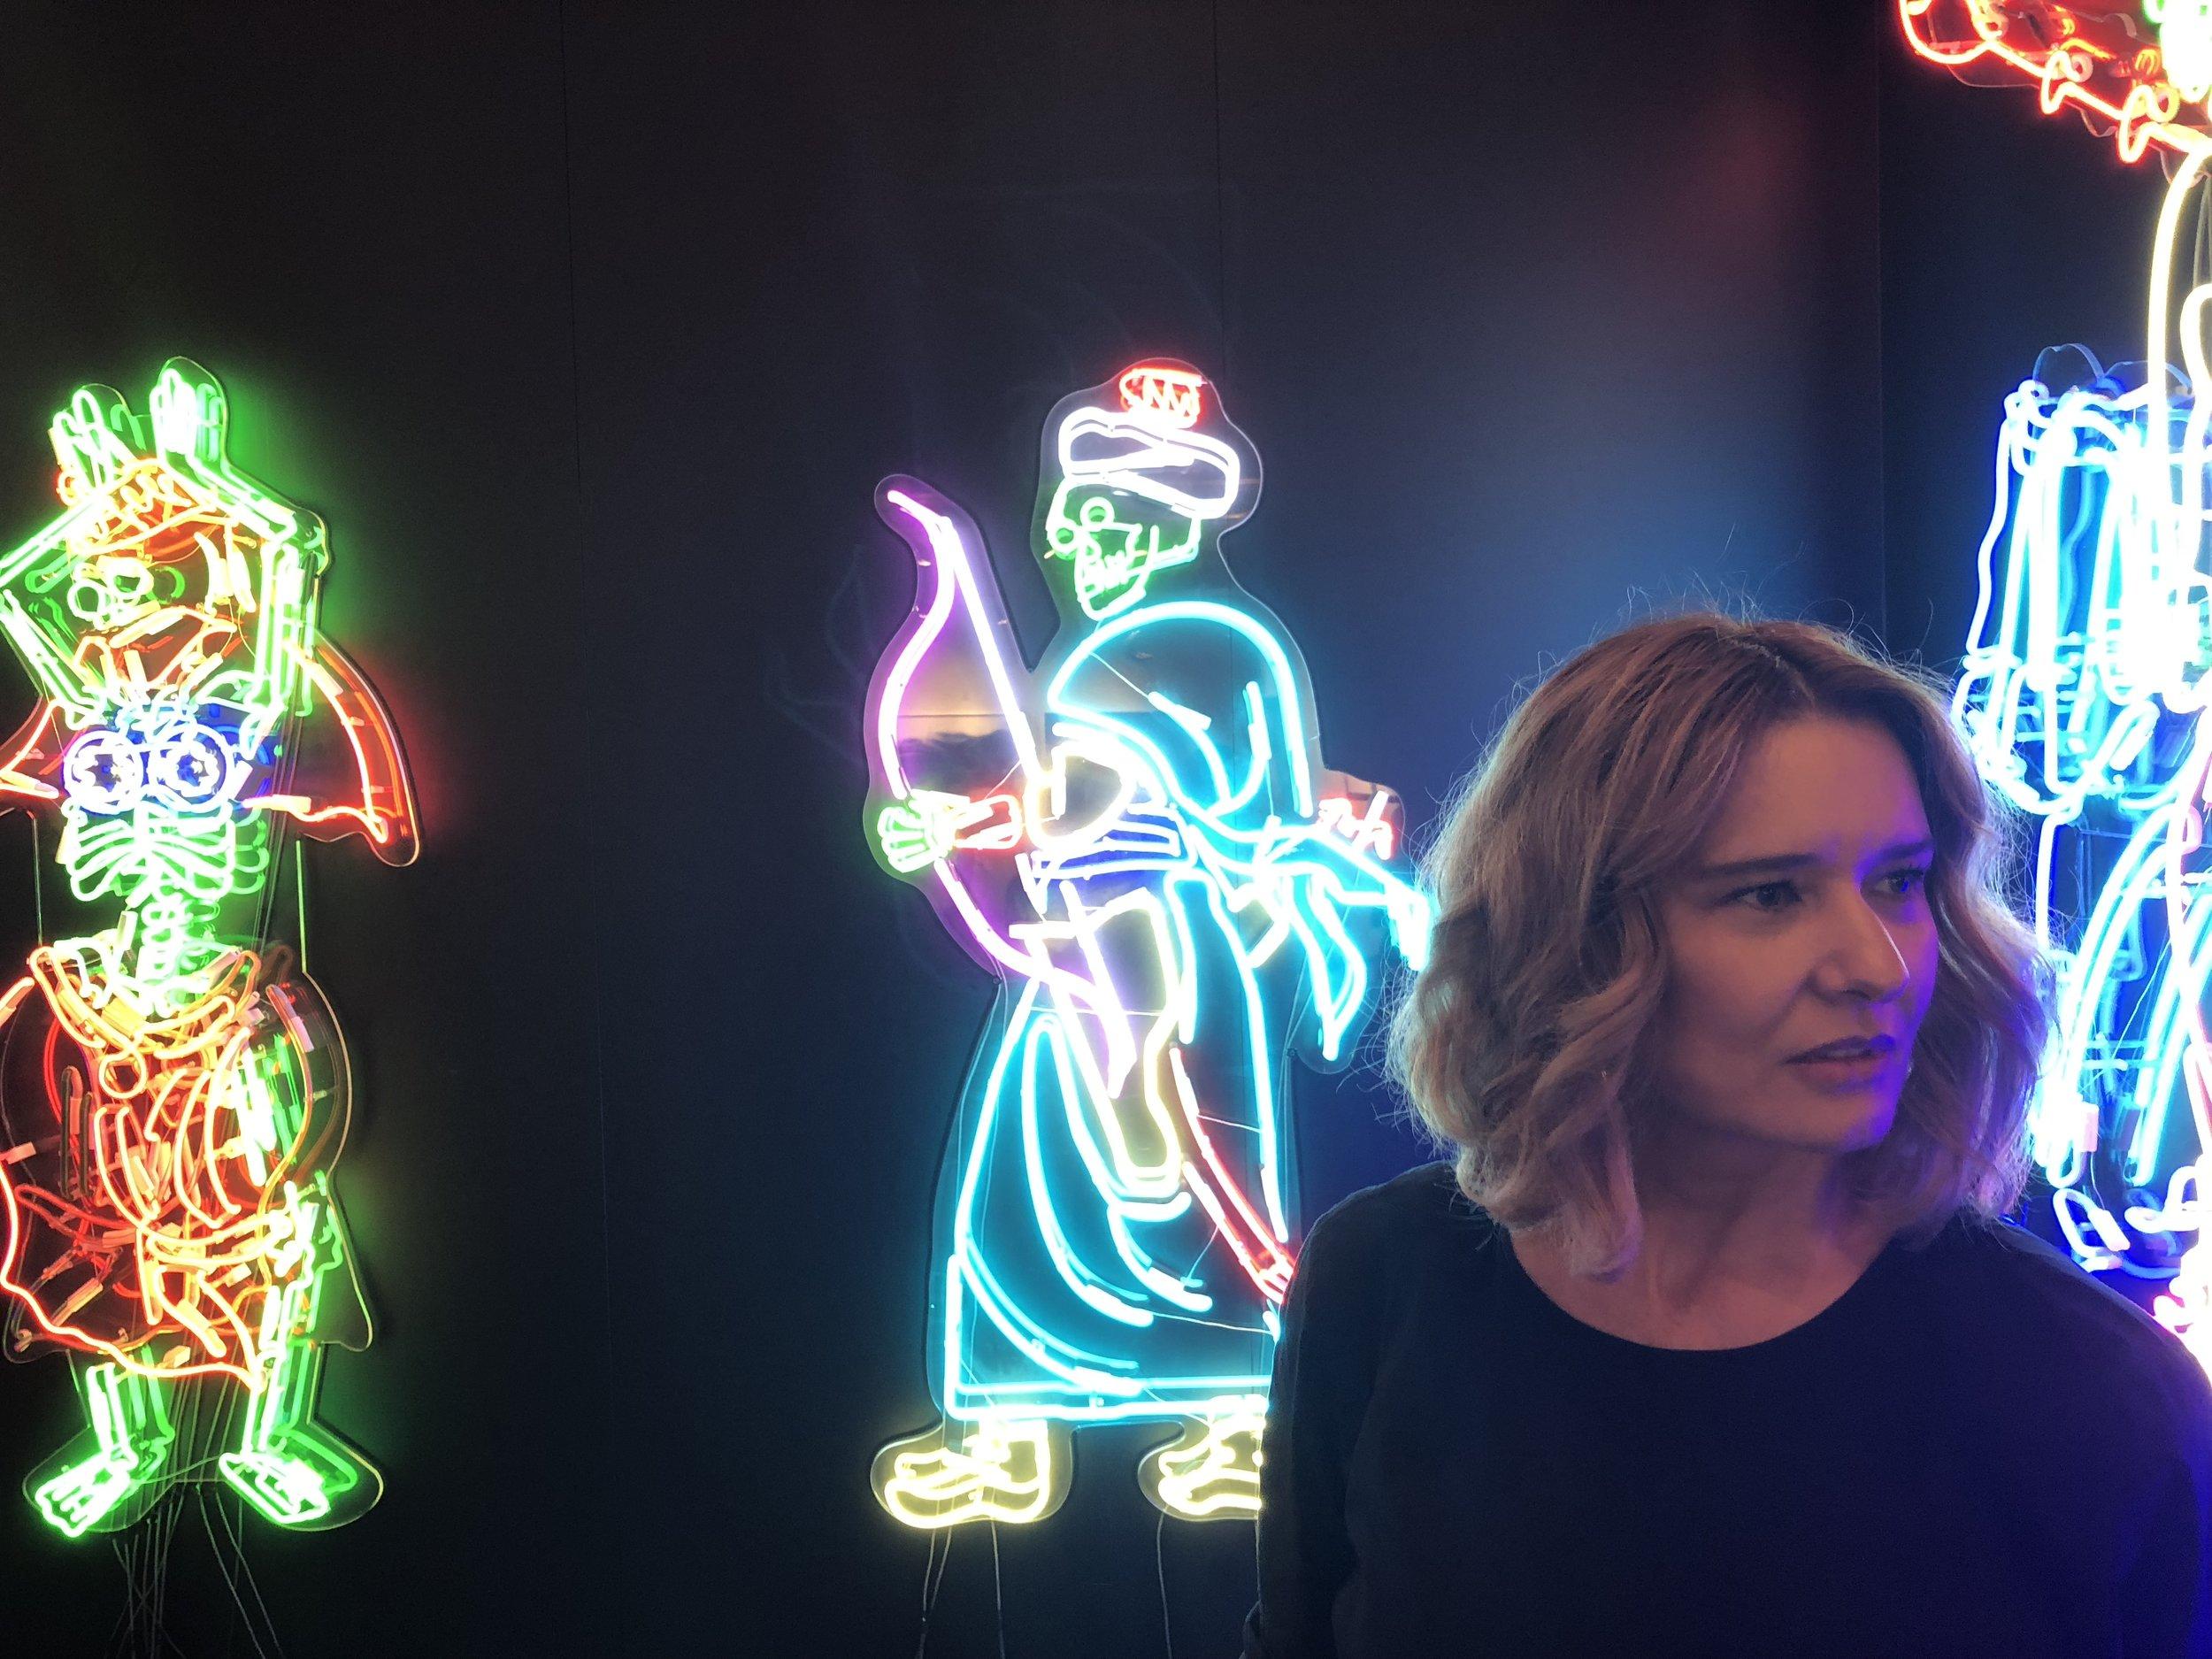 Sarp Kerem Yavuz's neons #CurseoftheForeverSultan